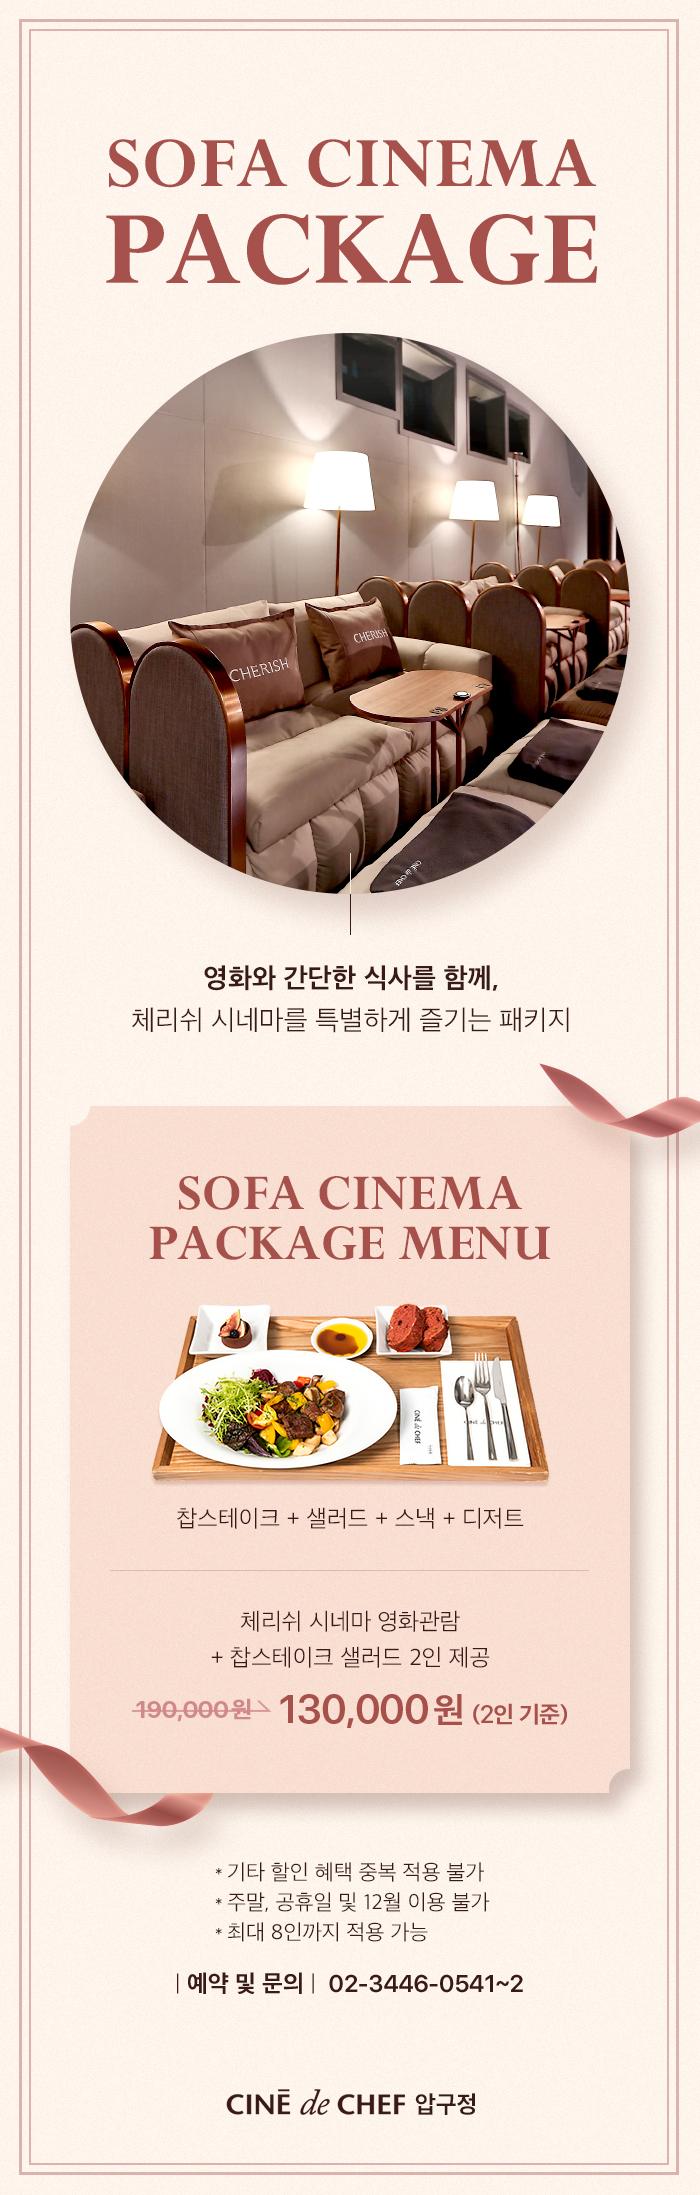 CGV극장별 [씨네드쉐프 압구정] Sofa cinema package